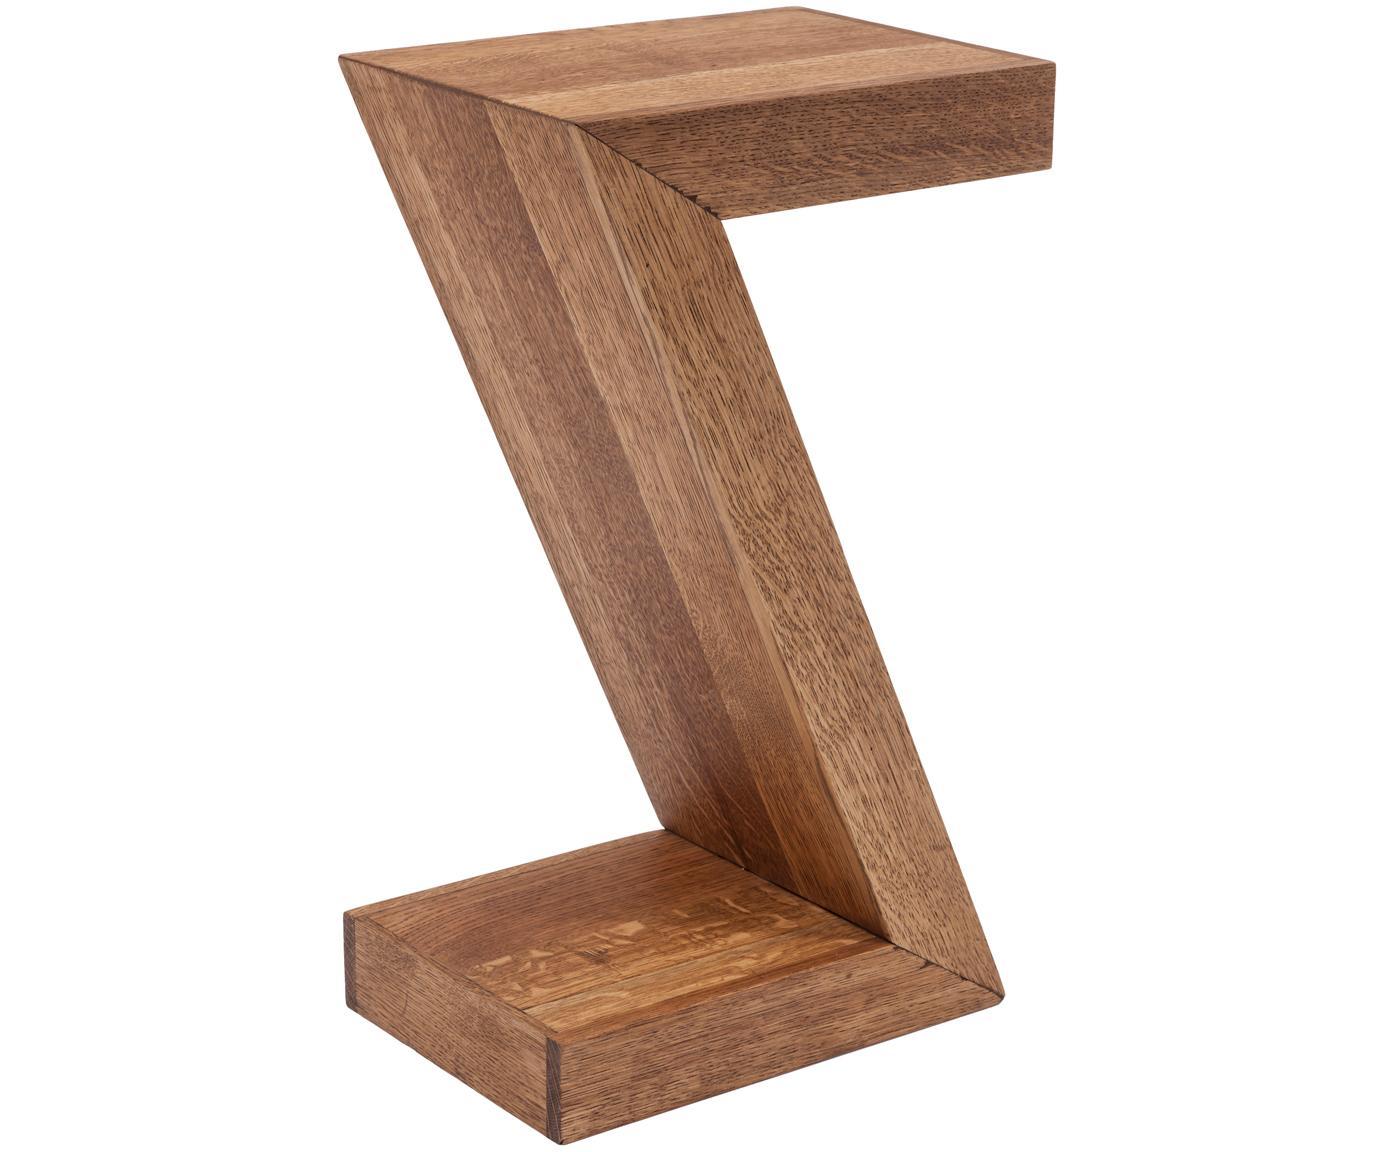 Stolik pomocniczy z drewna dębowego Attento, Lite drewno dębowe, olejowane, Drewno dębowe, S 30 x G 20 cm